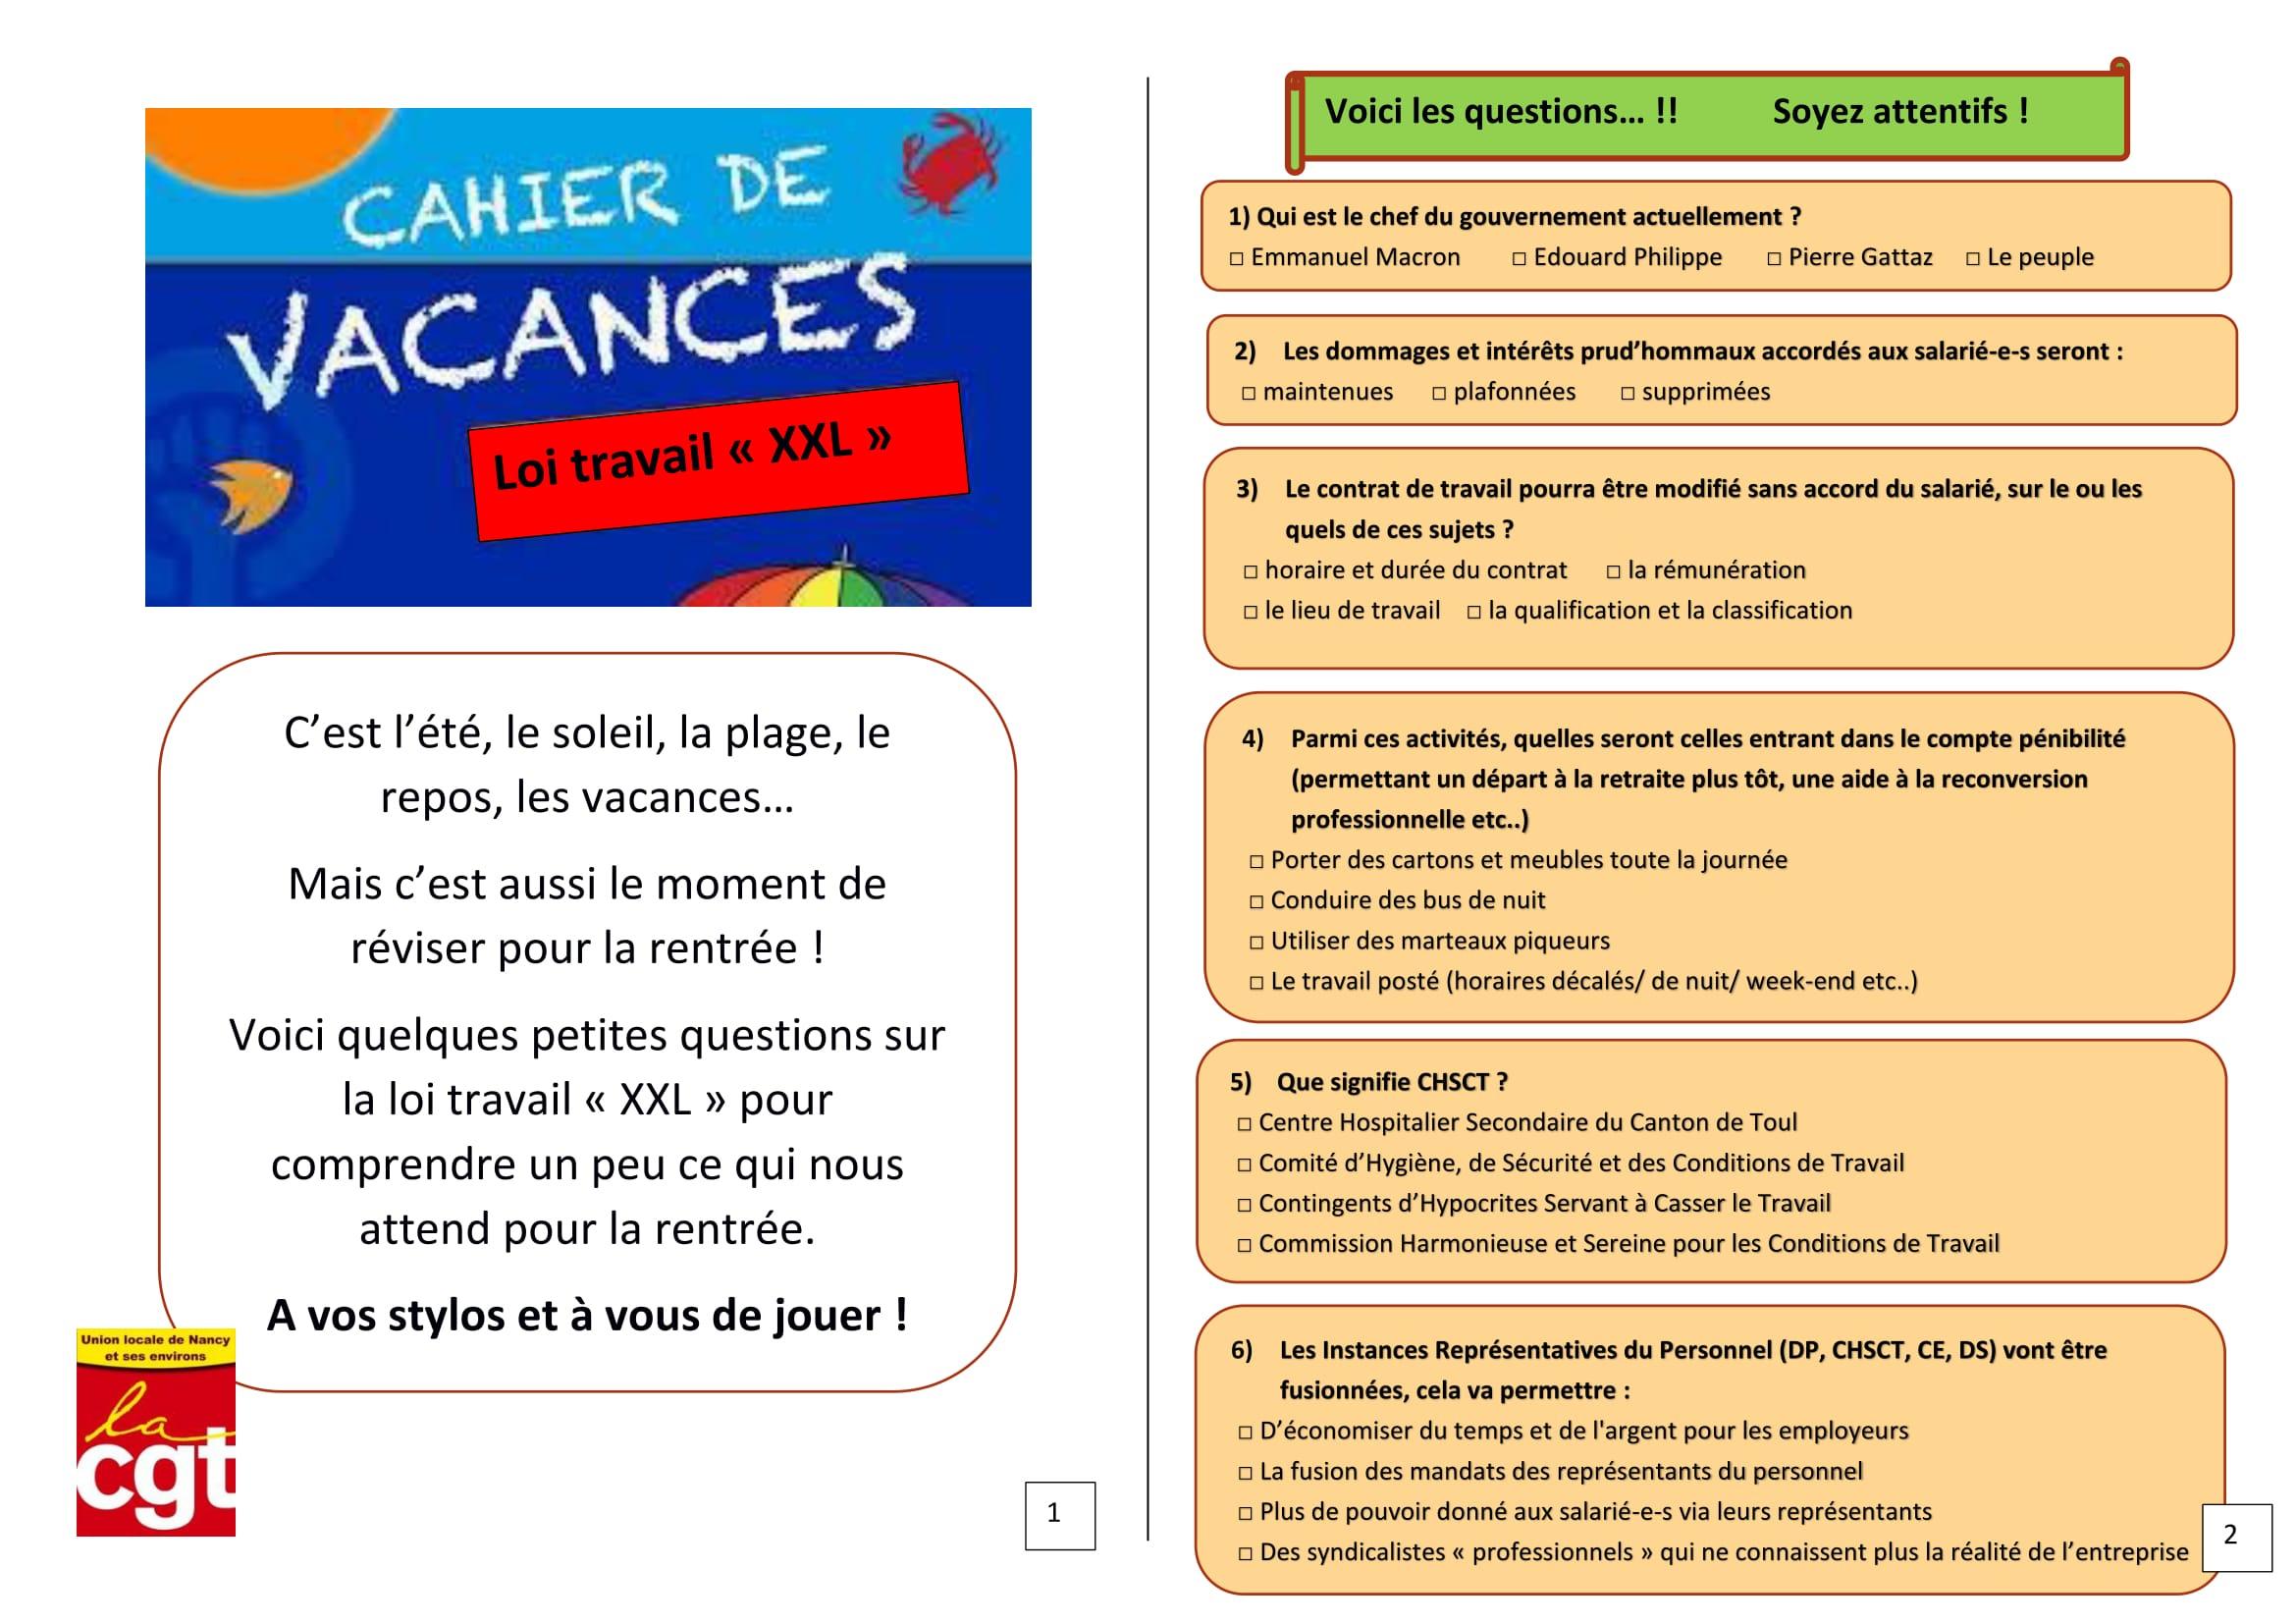 Cahier De Vacances | Union Locale Cgt Nancy dedans Carnet De Vacances À Imprimer